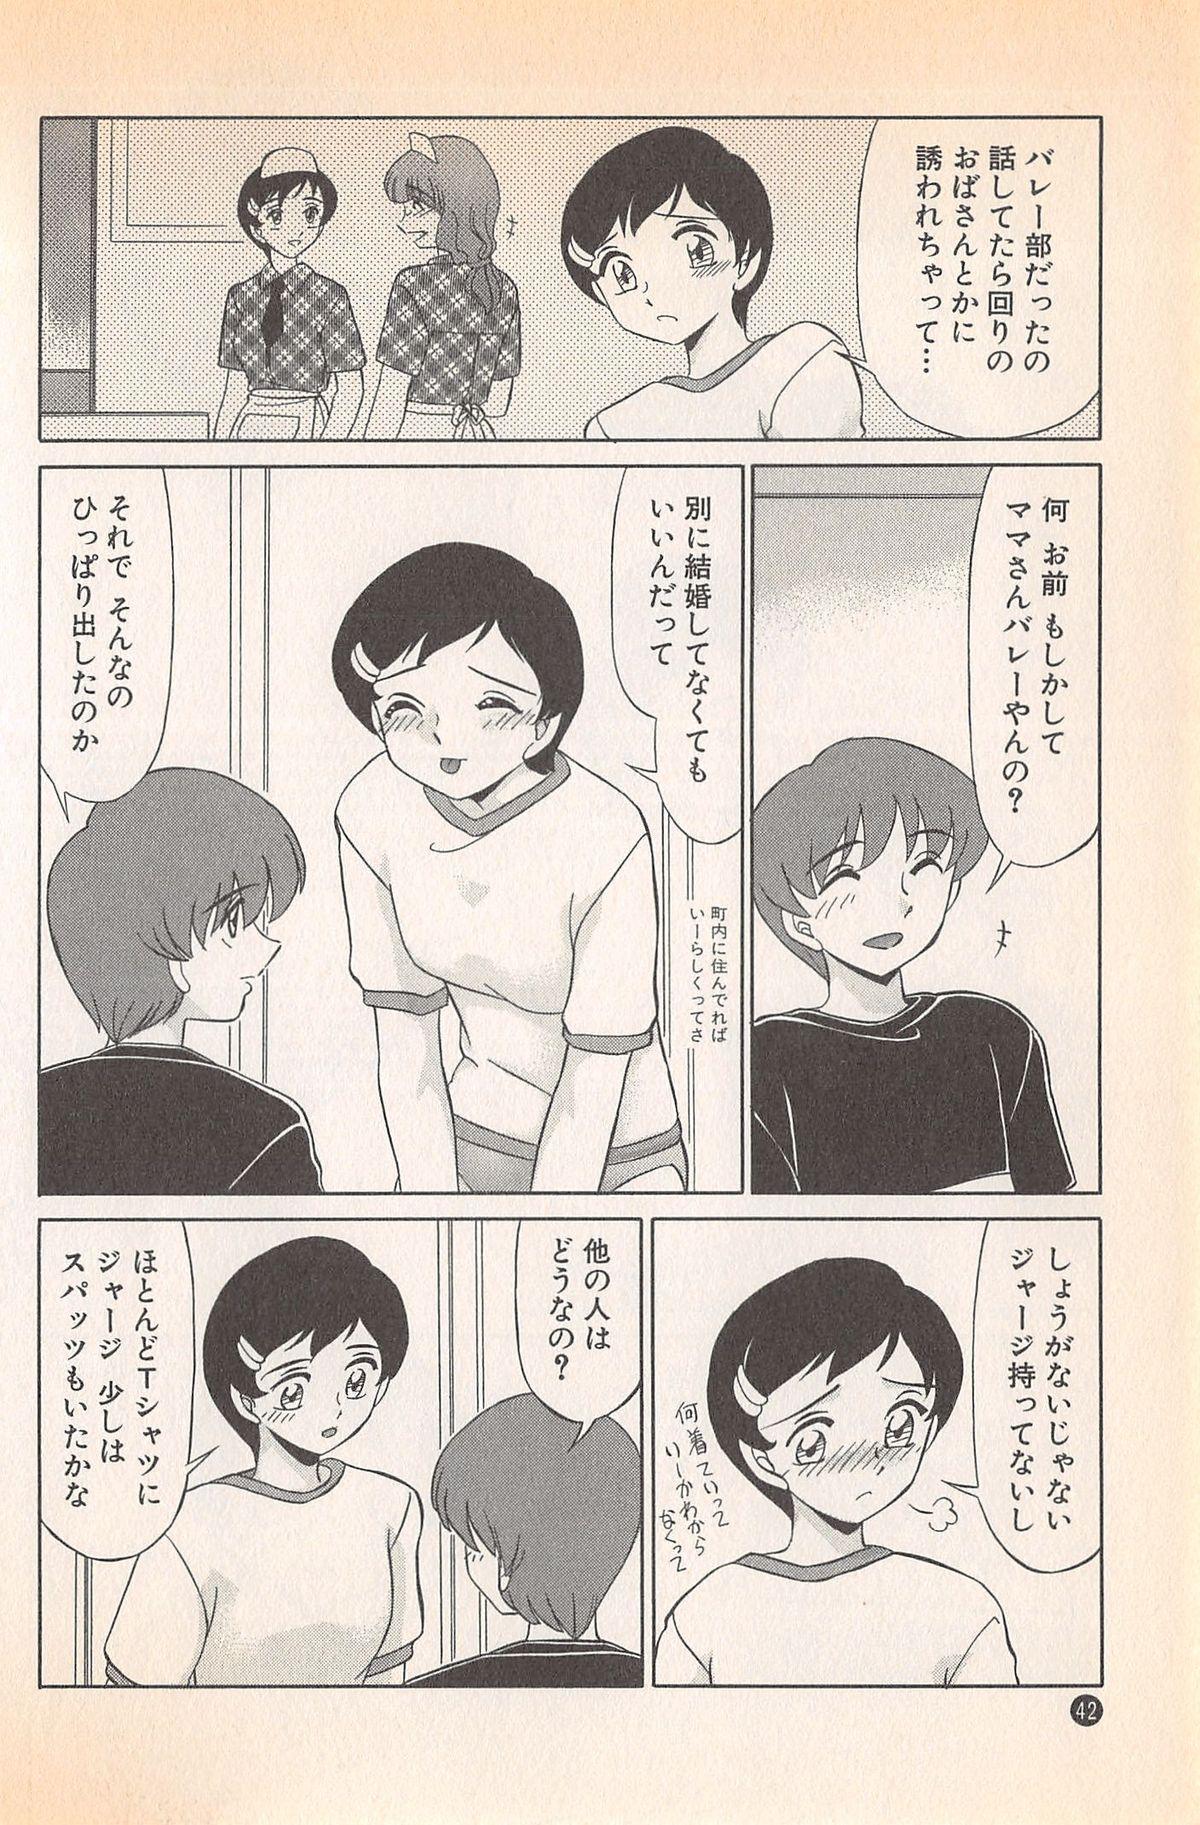 Doki Doki no Shikumi 43